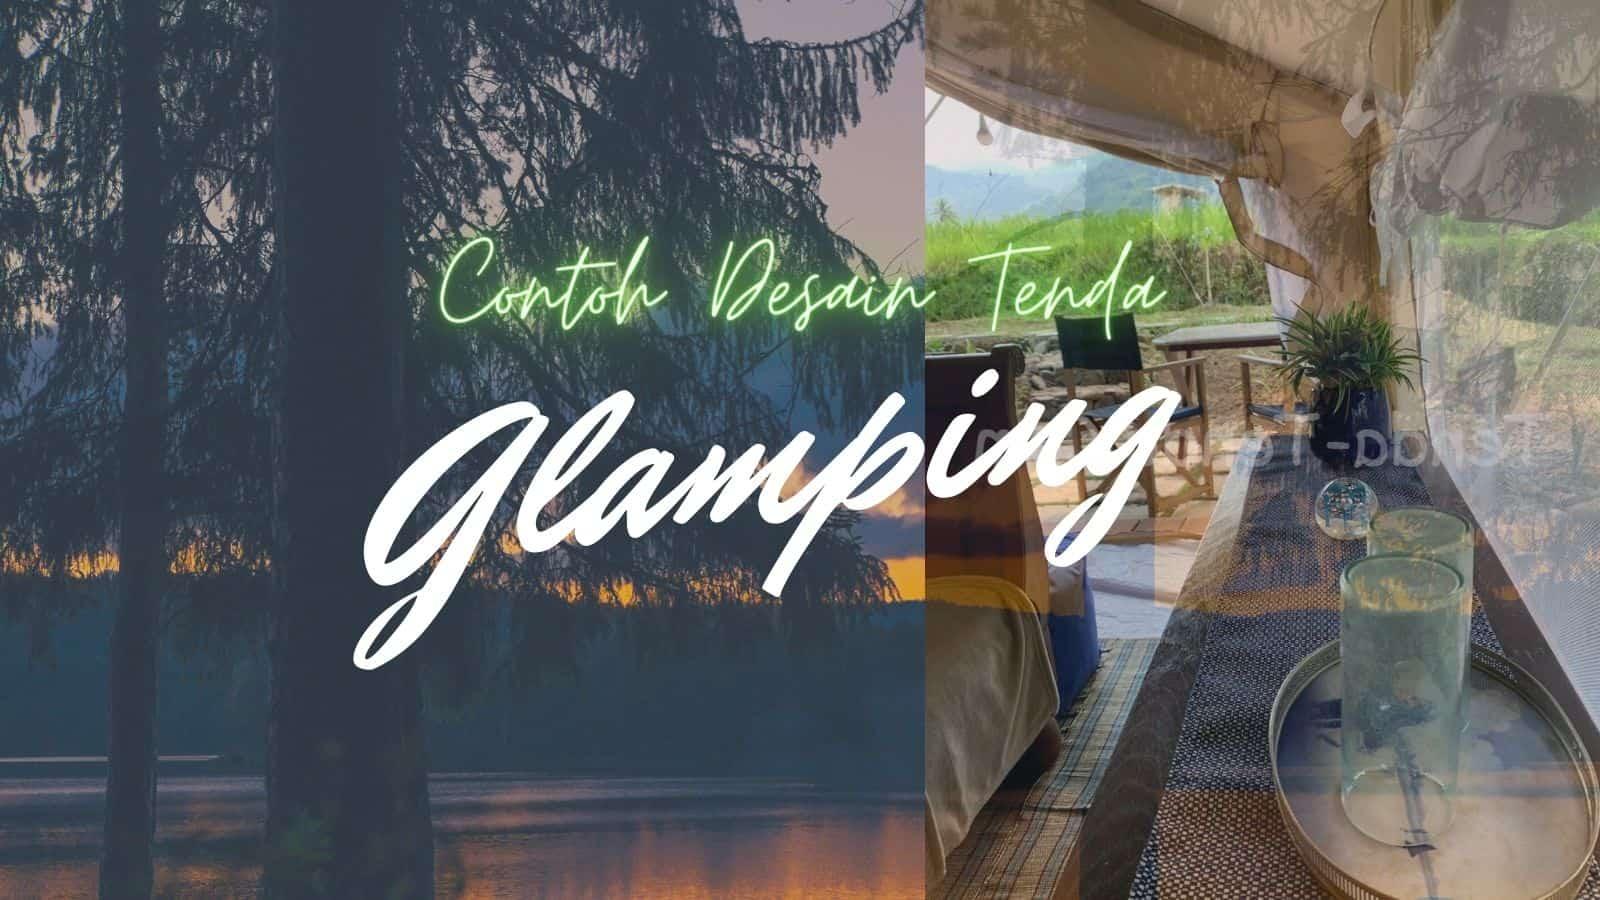 Contoh Desain Tenda Glamping